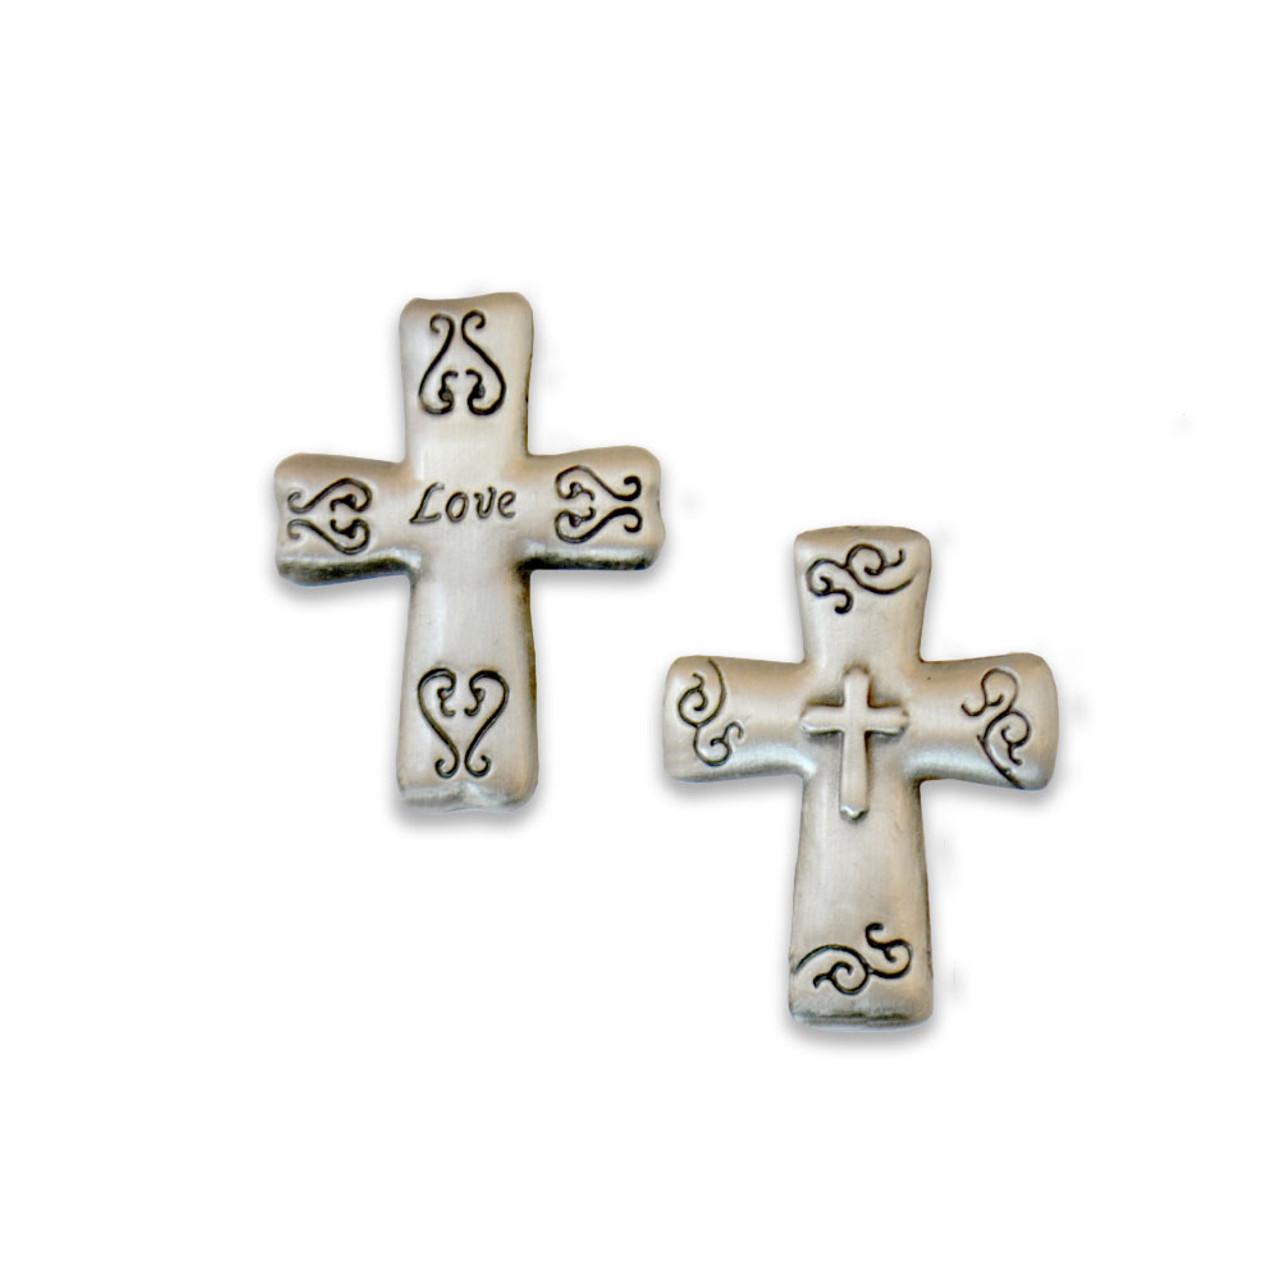 Blessings Pocket Crosses - 6 Styles